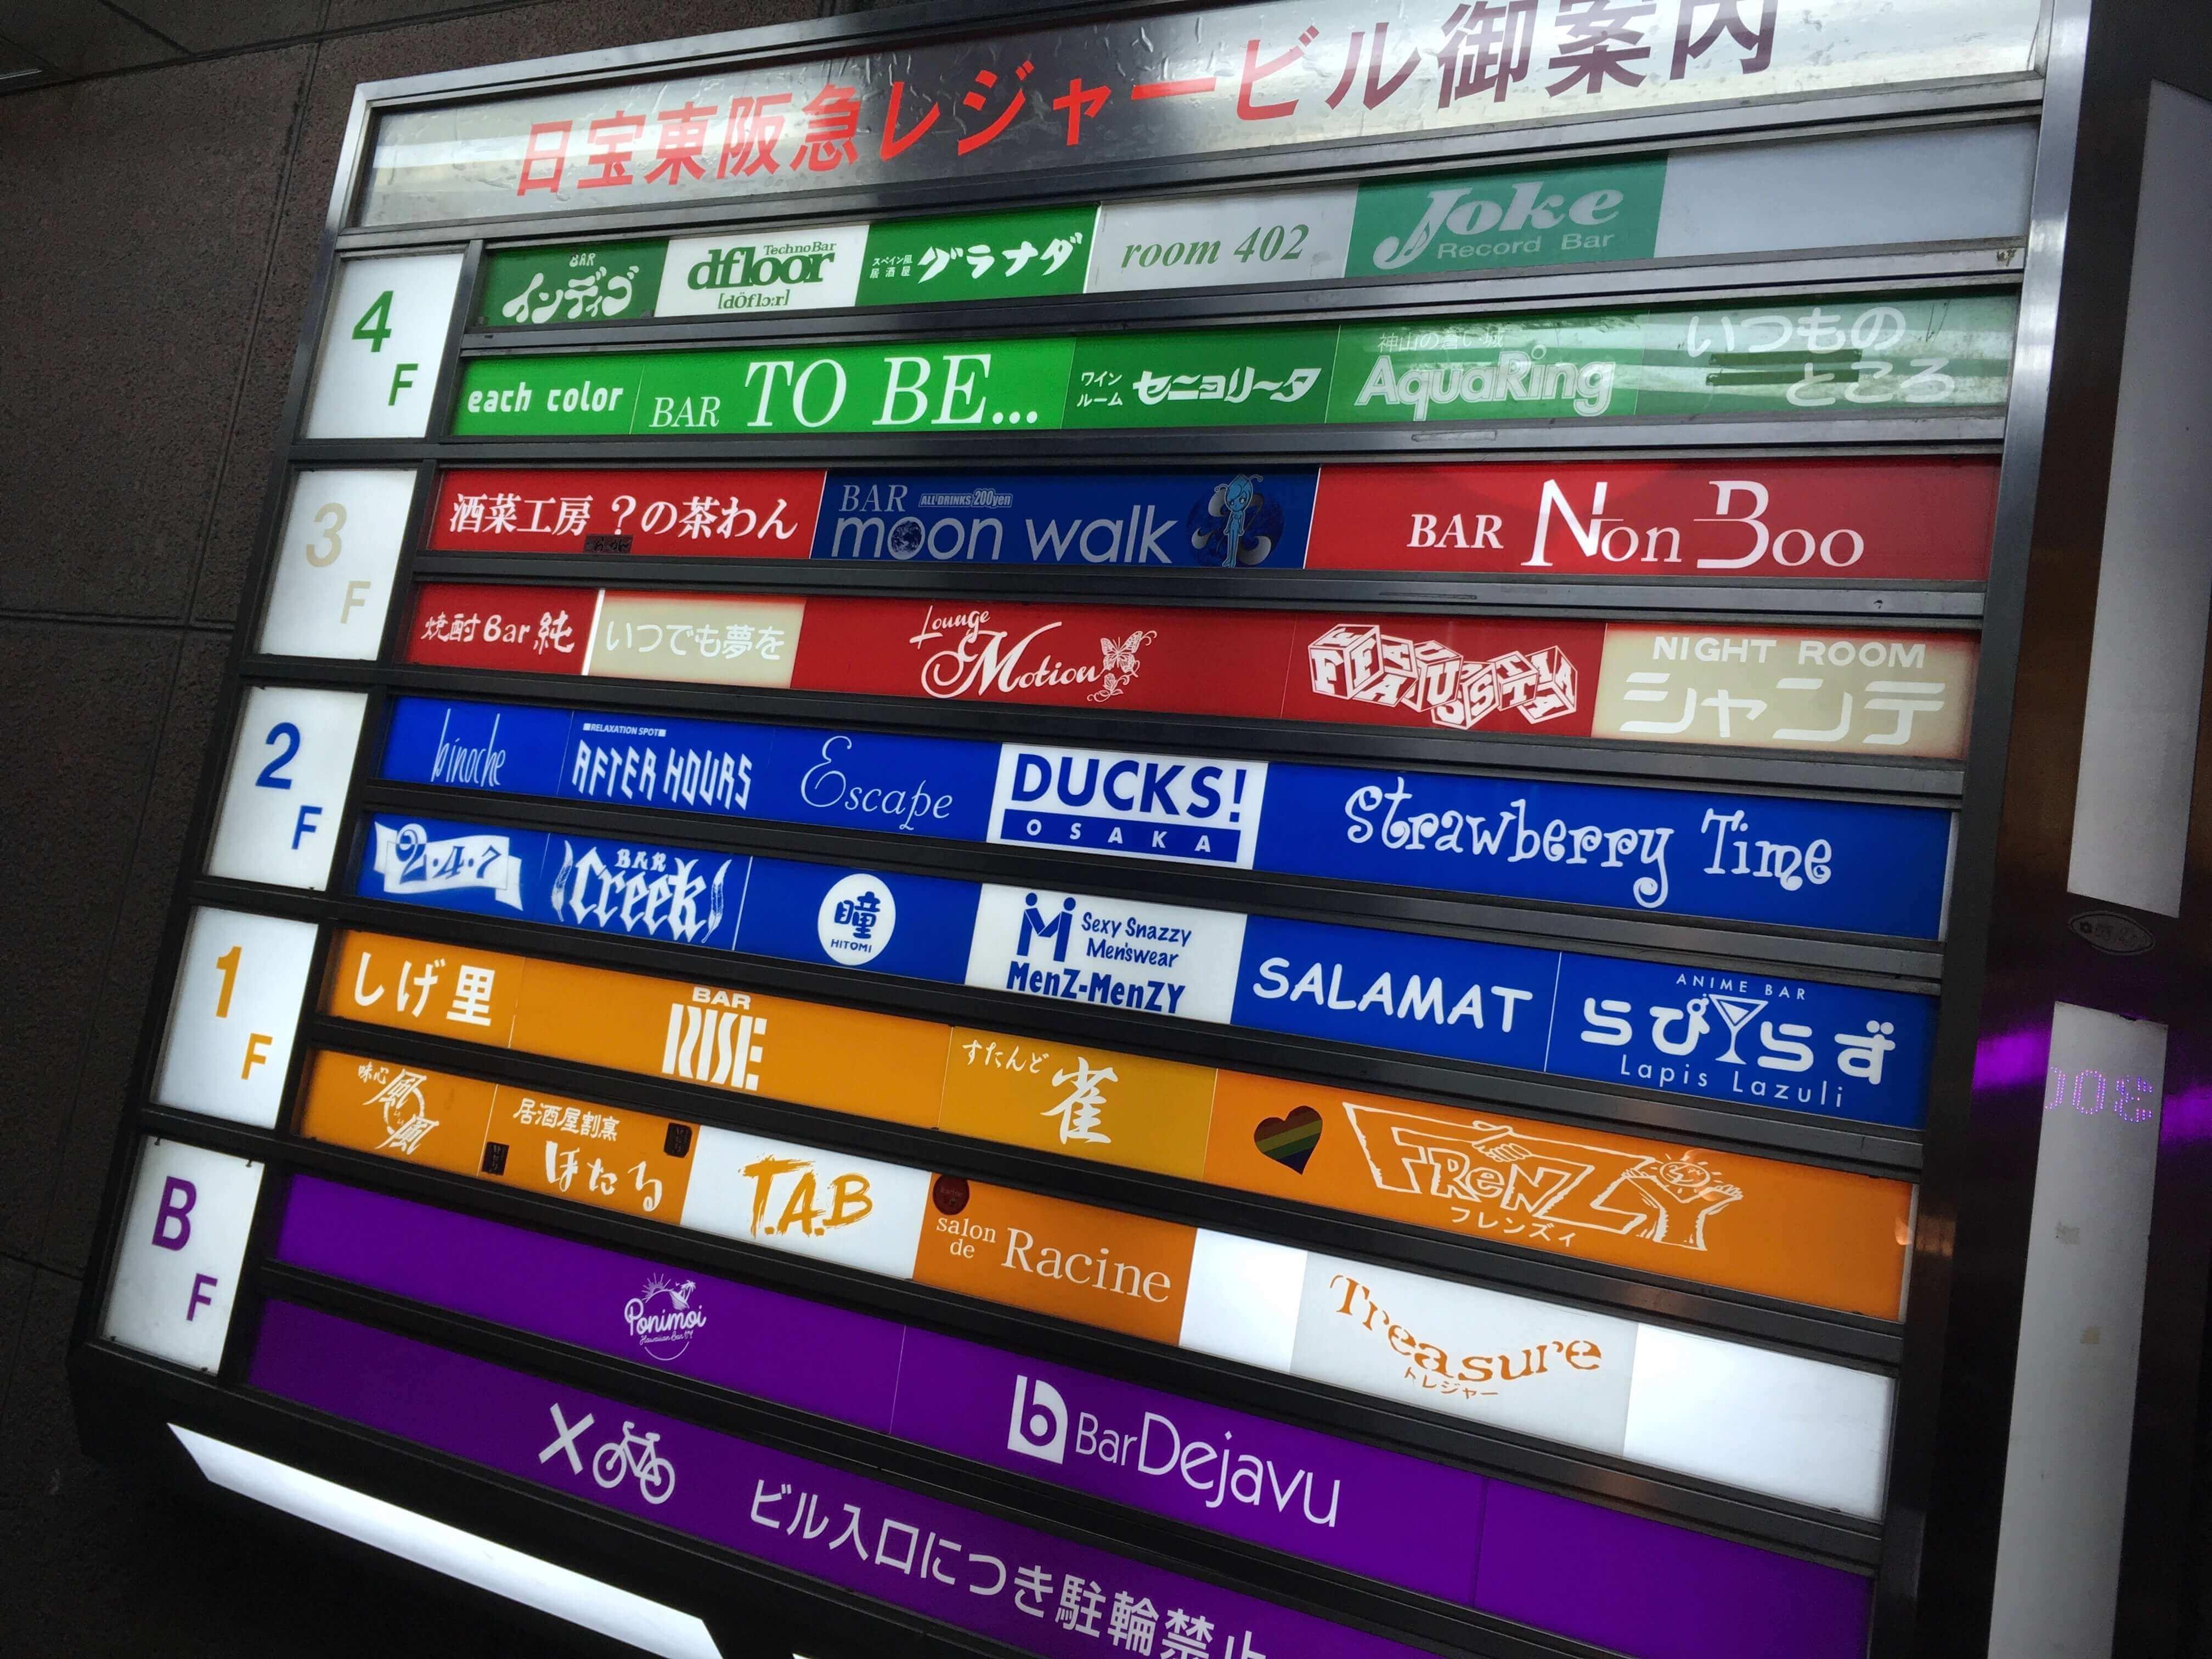 日宝東阪急レジャービル案内